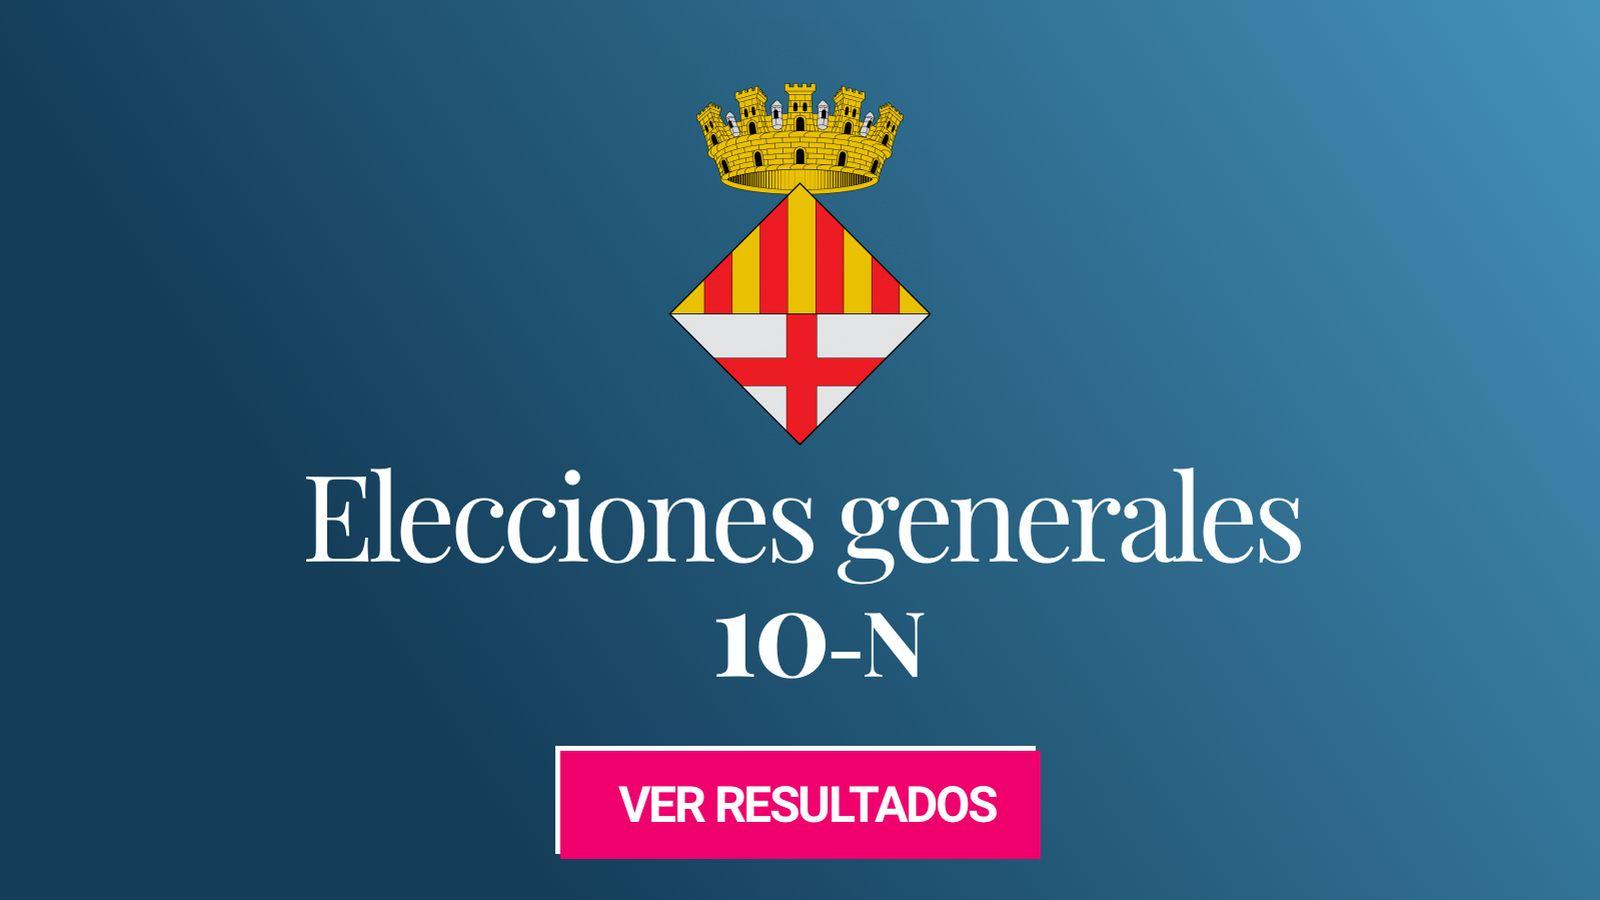 Foto: Elecciones generales 2019 en Manresa. (C.C./EC)